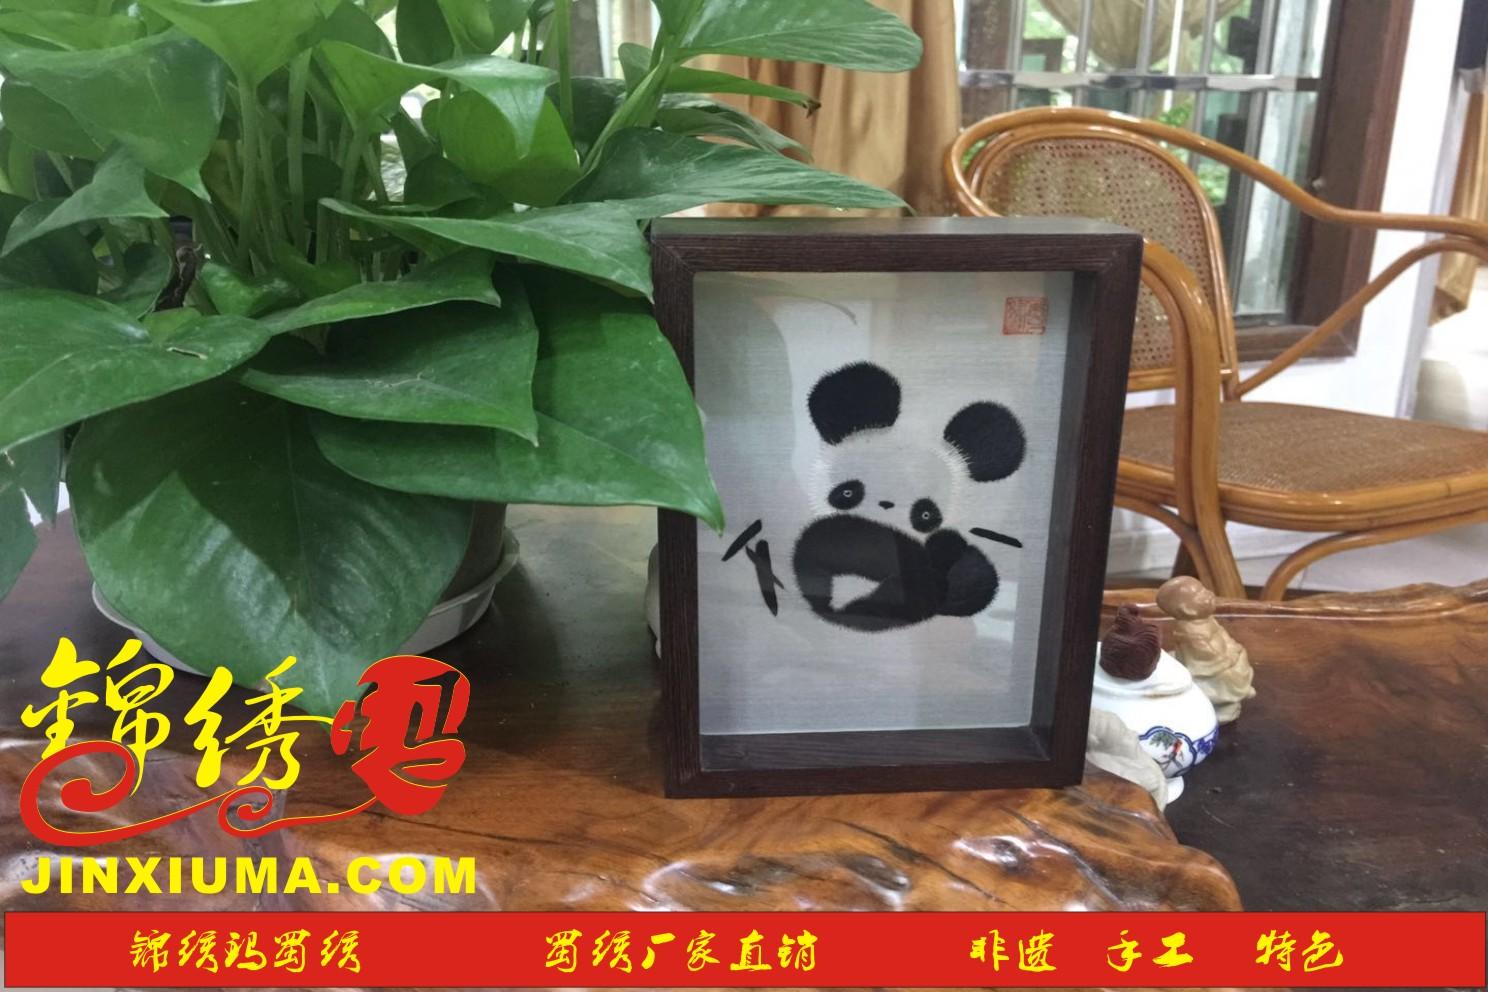 卡通熊猫蜀绣.jpg